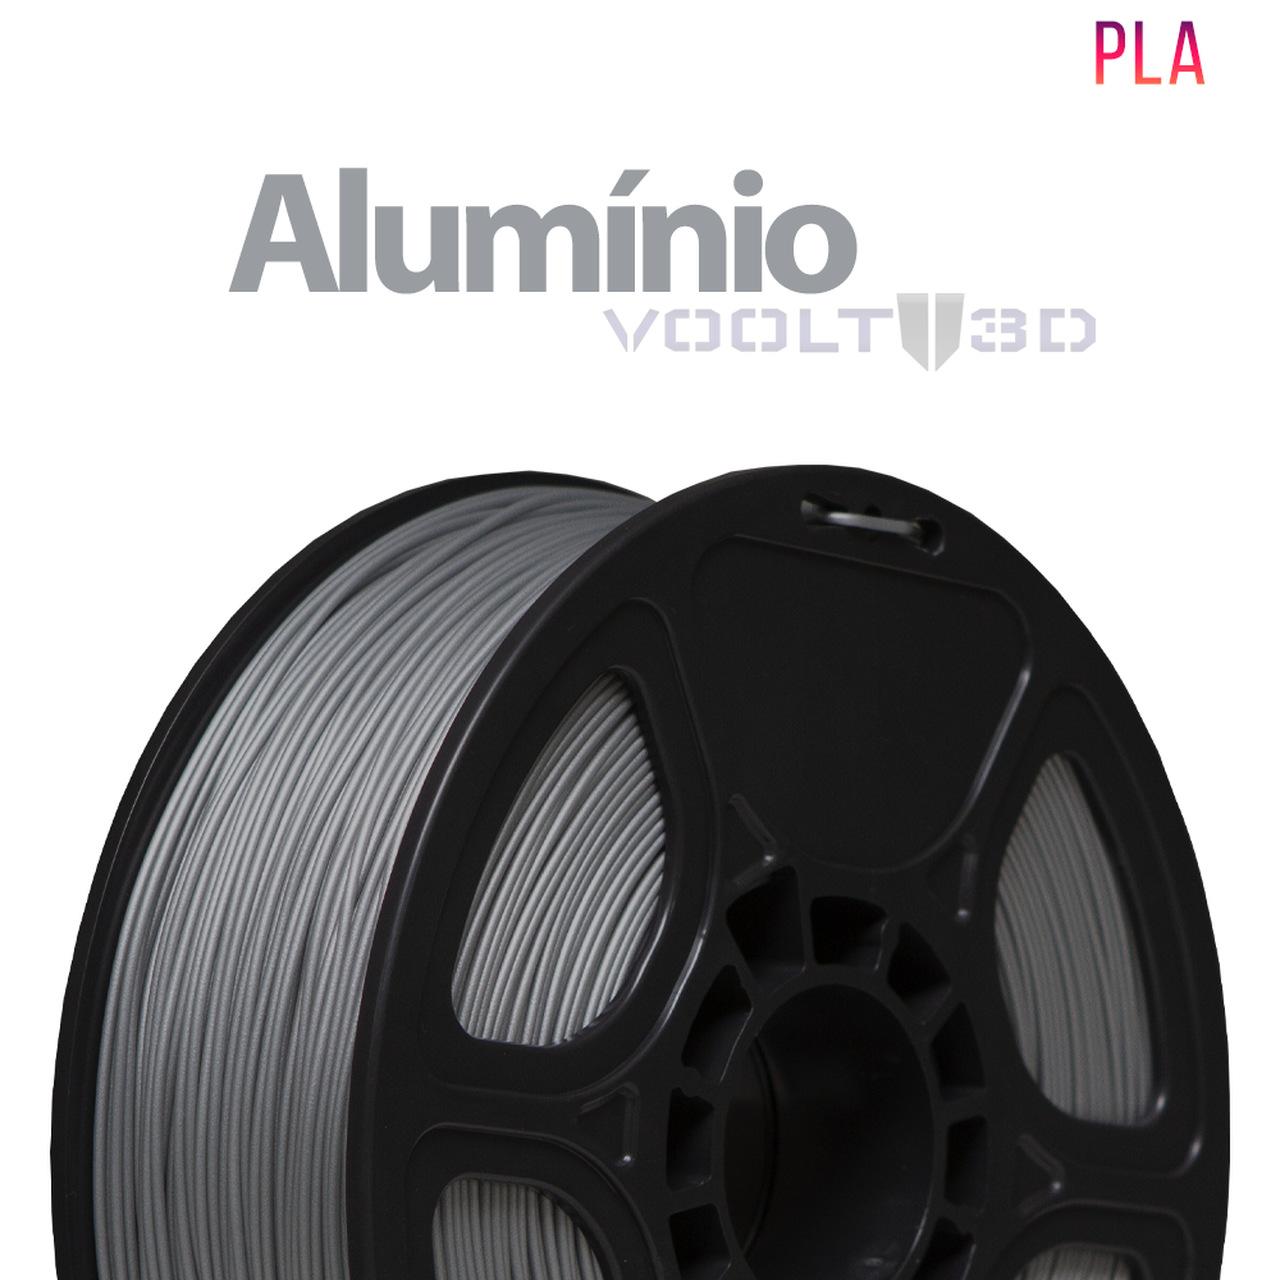 Filamento PLA - Alumínio - Voolt - 1.75mm - 1kg